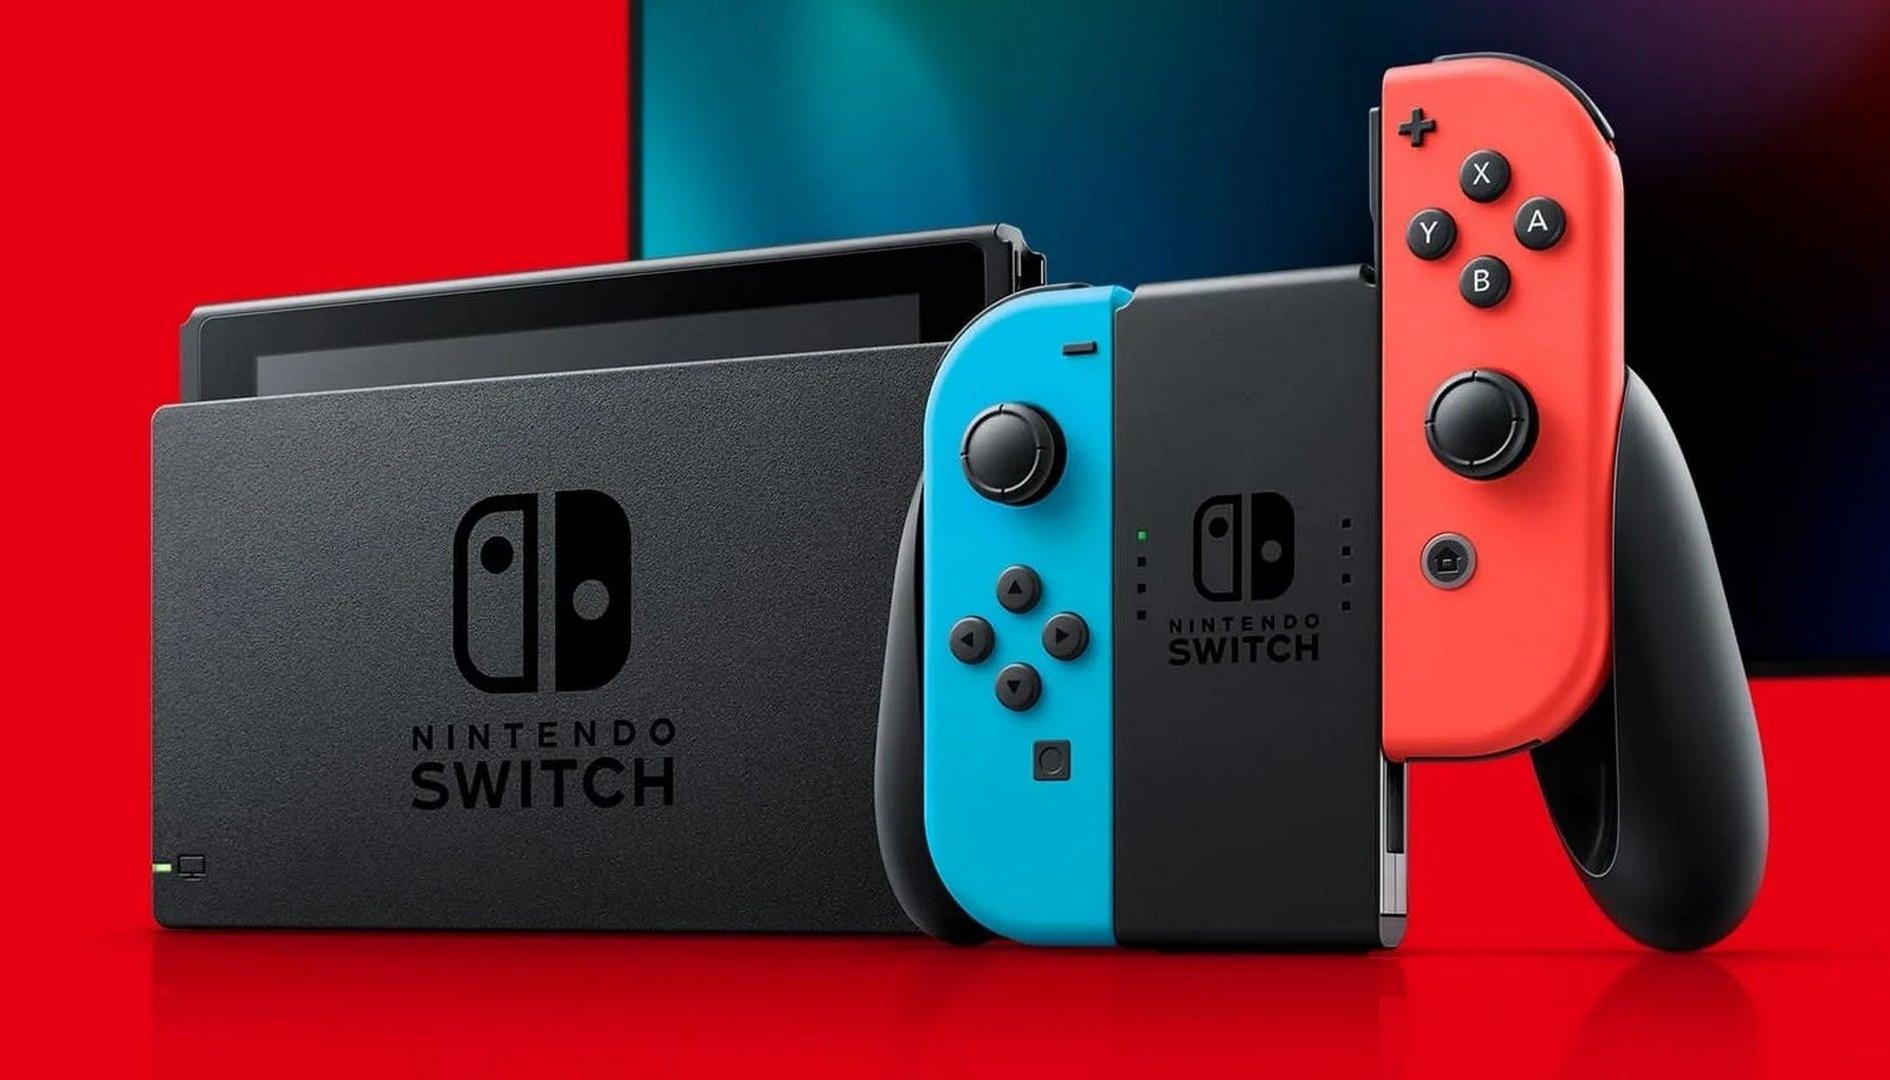 Nintendo Switch Pro avrà diversi giochi esclusivi?